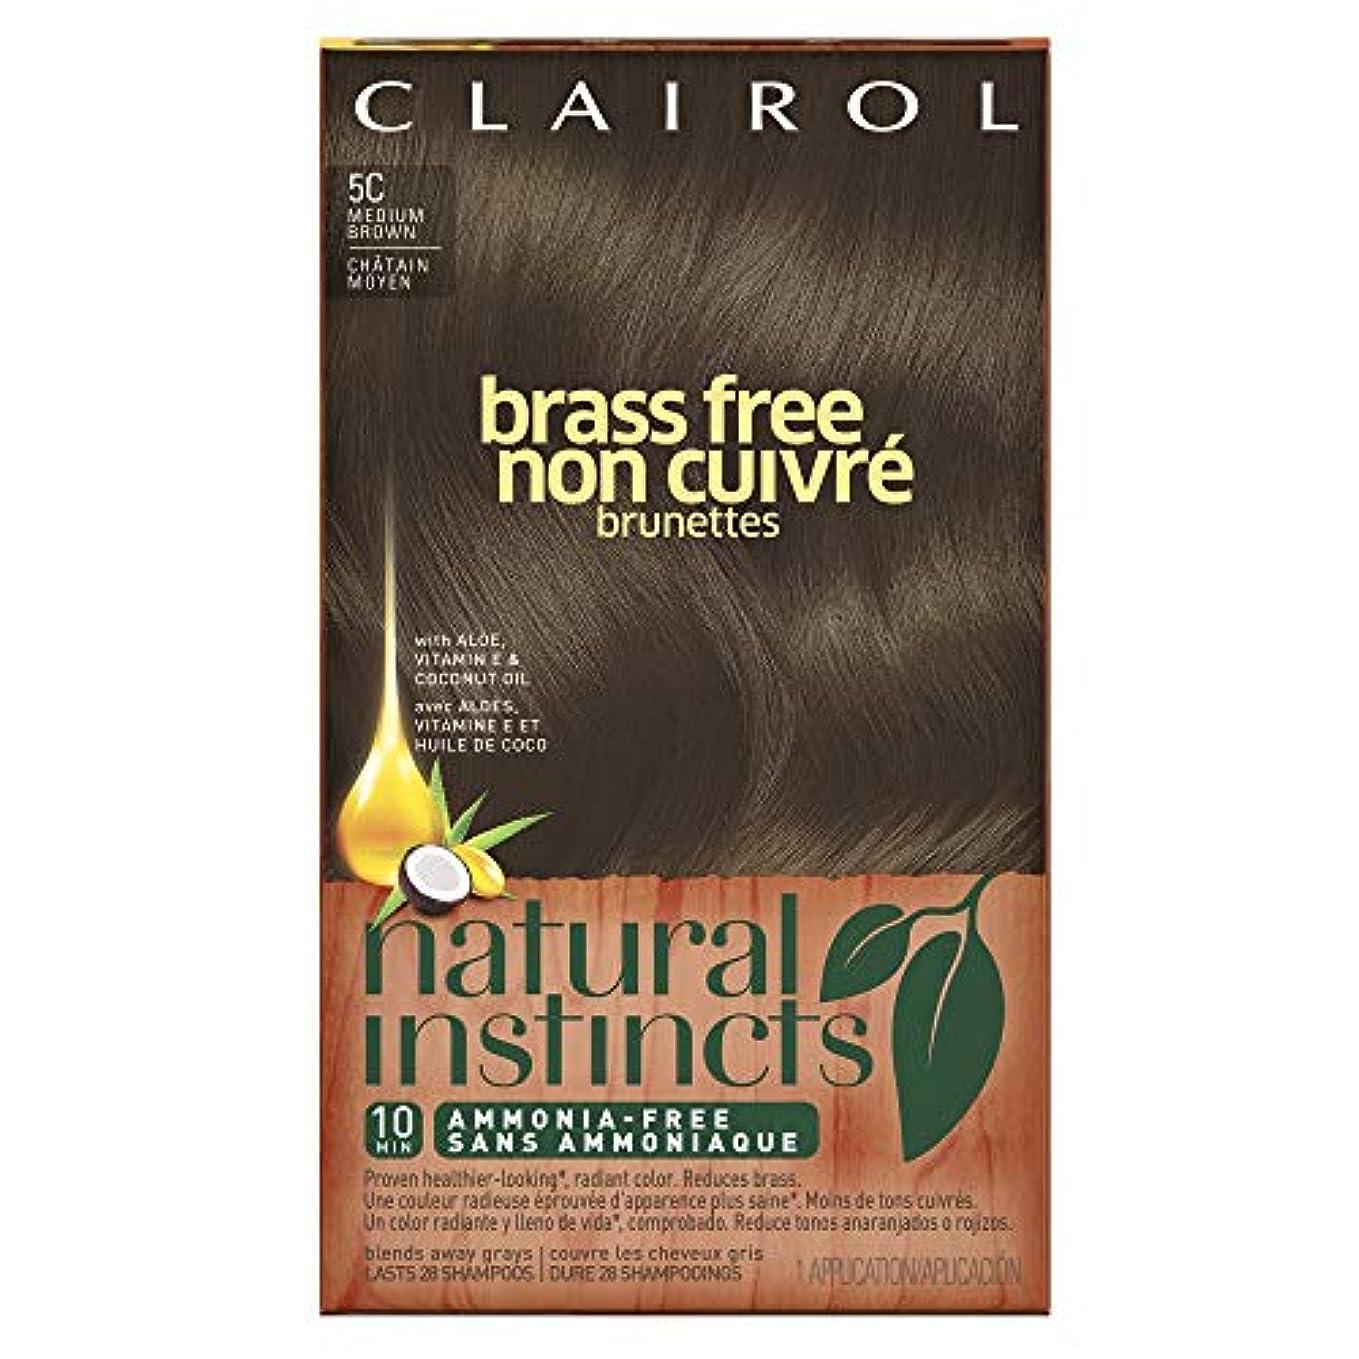 アンペア絶望六Clairol 自然本能真鍮無料ヘアカラー、ミディアムブラウン[5C] 1 Eaは(6パック) 6パック 褐色